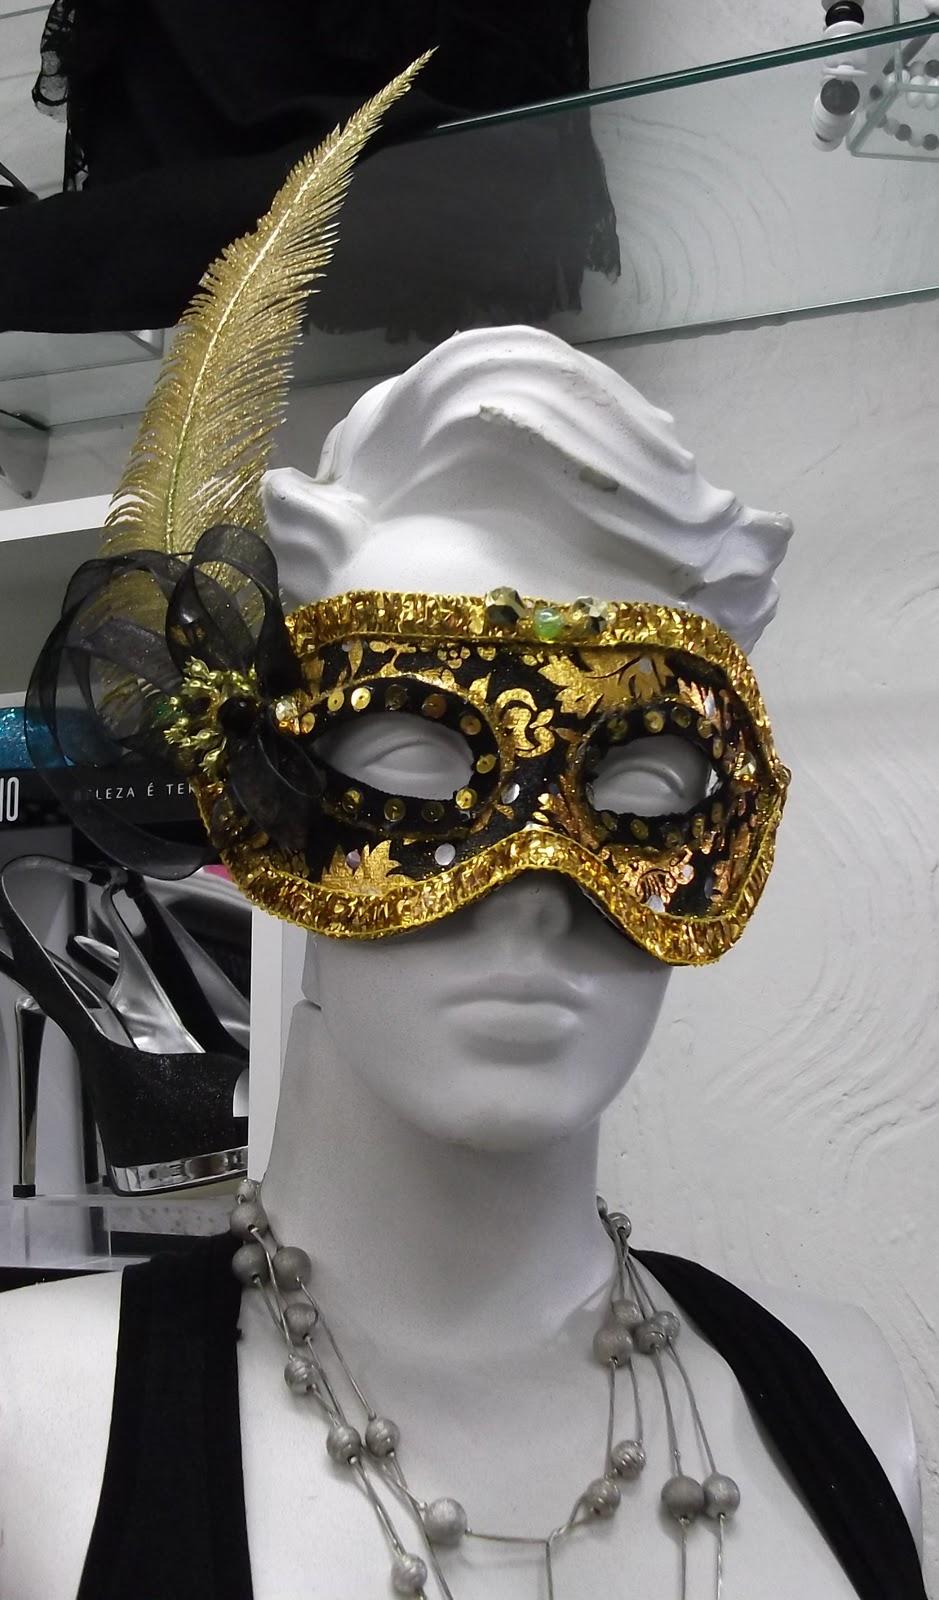 Postado por mascaras e adornos e carnaval às 15:56